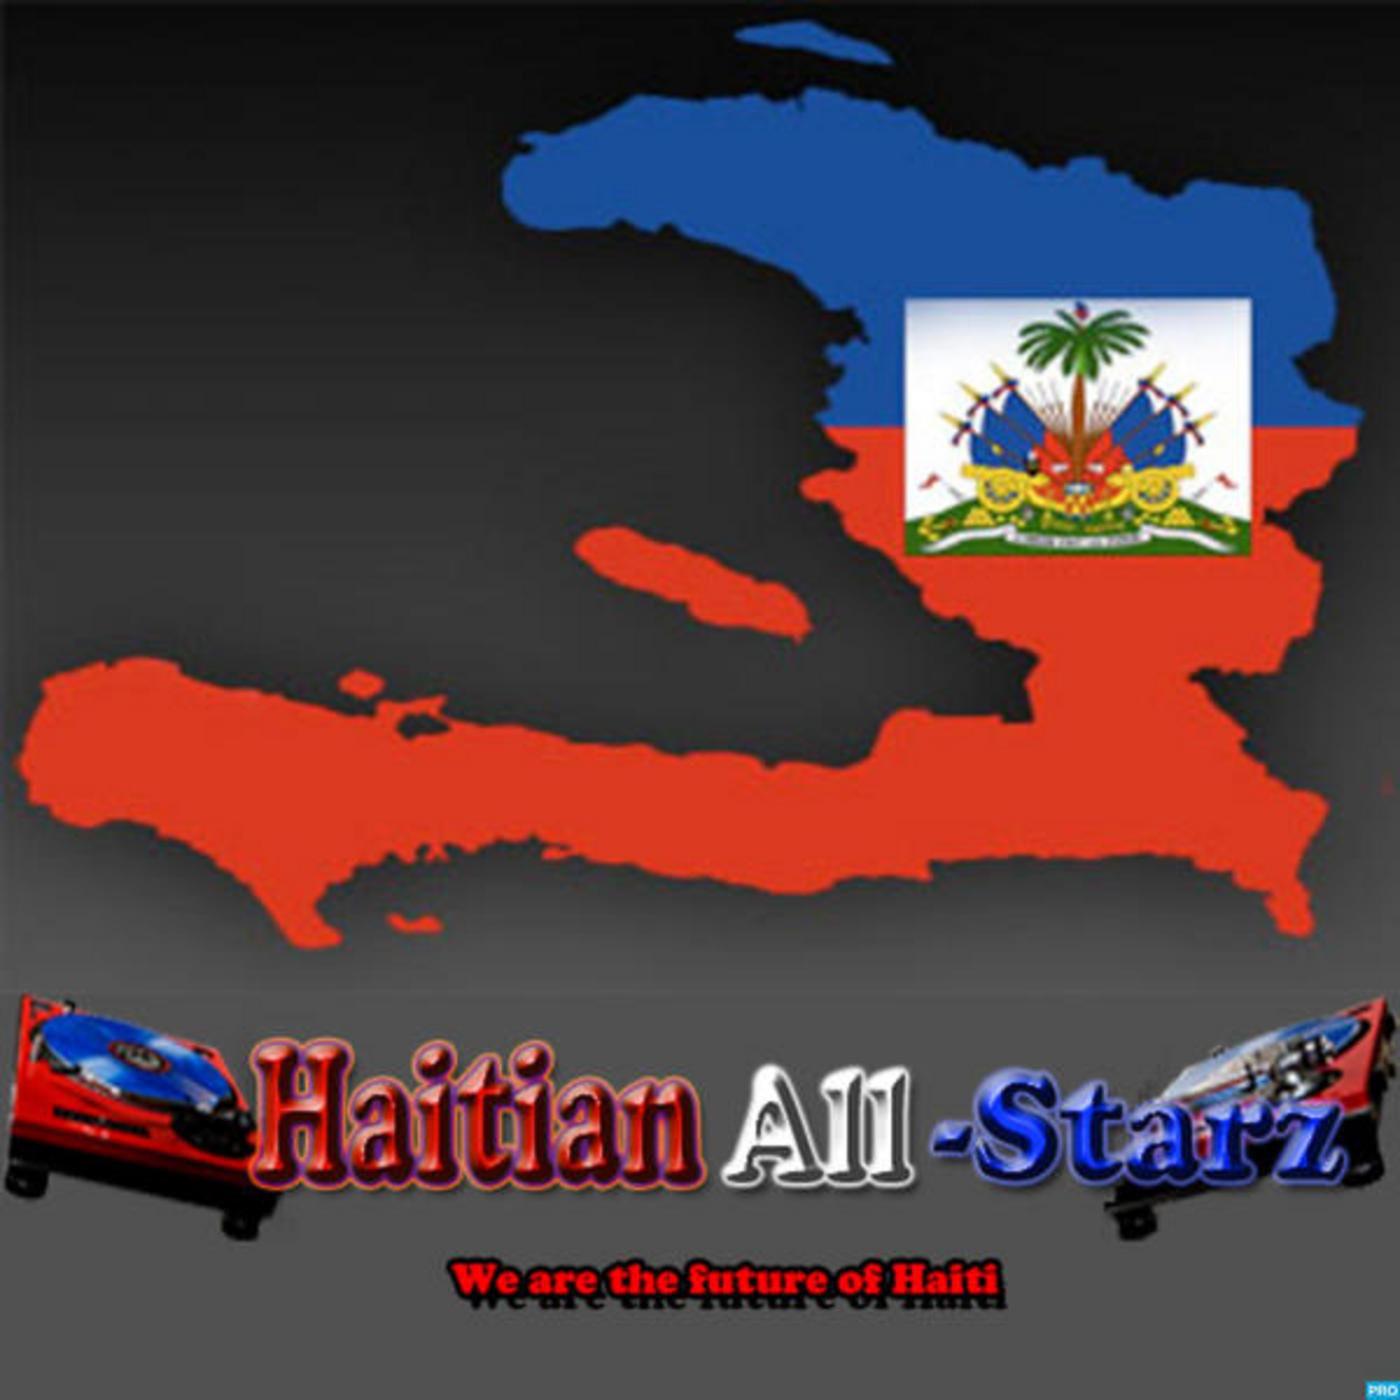 The Time Warp (Reggae Classic's) - DJ Cliffstar {Haitian All-StarZ DJs}